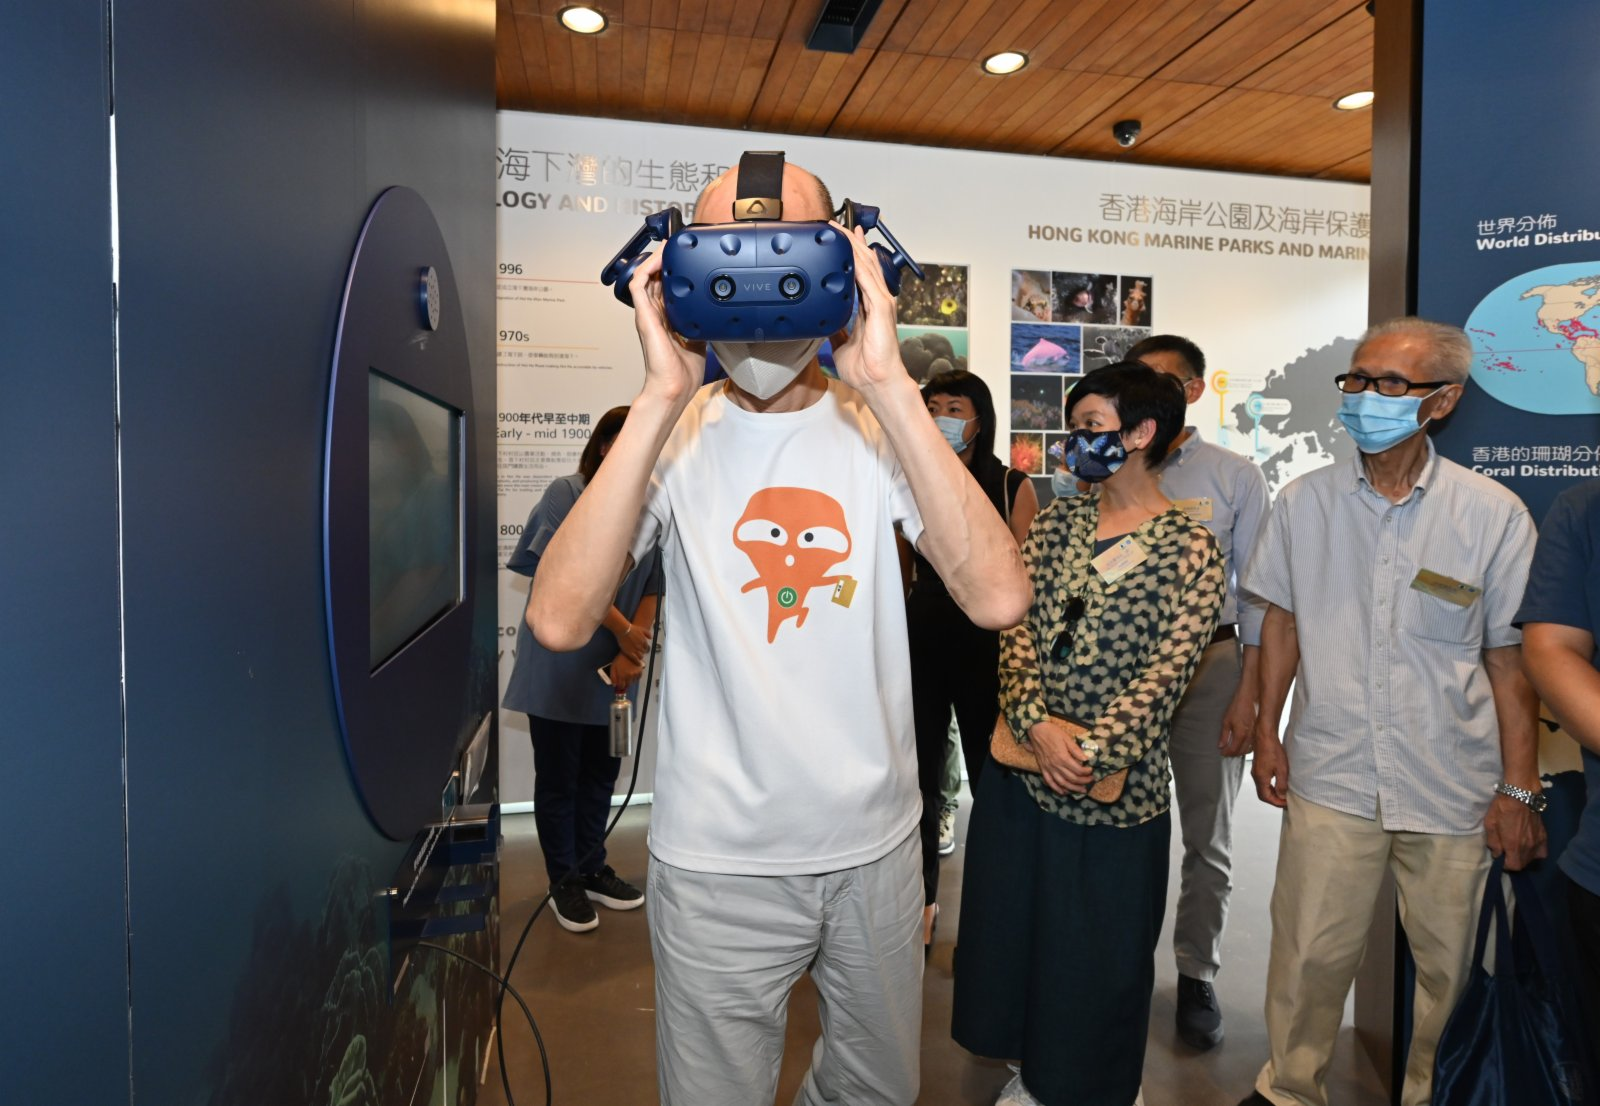 環境局局長黃錦星(左)以虛擬實景(即VR)技術製作的互動式展覽「向海底出發」,一試「潛」入海岸公園的海底世界。(政府新聞處)